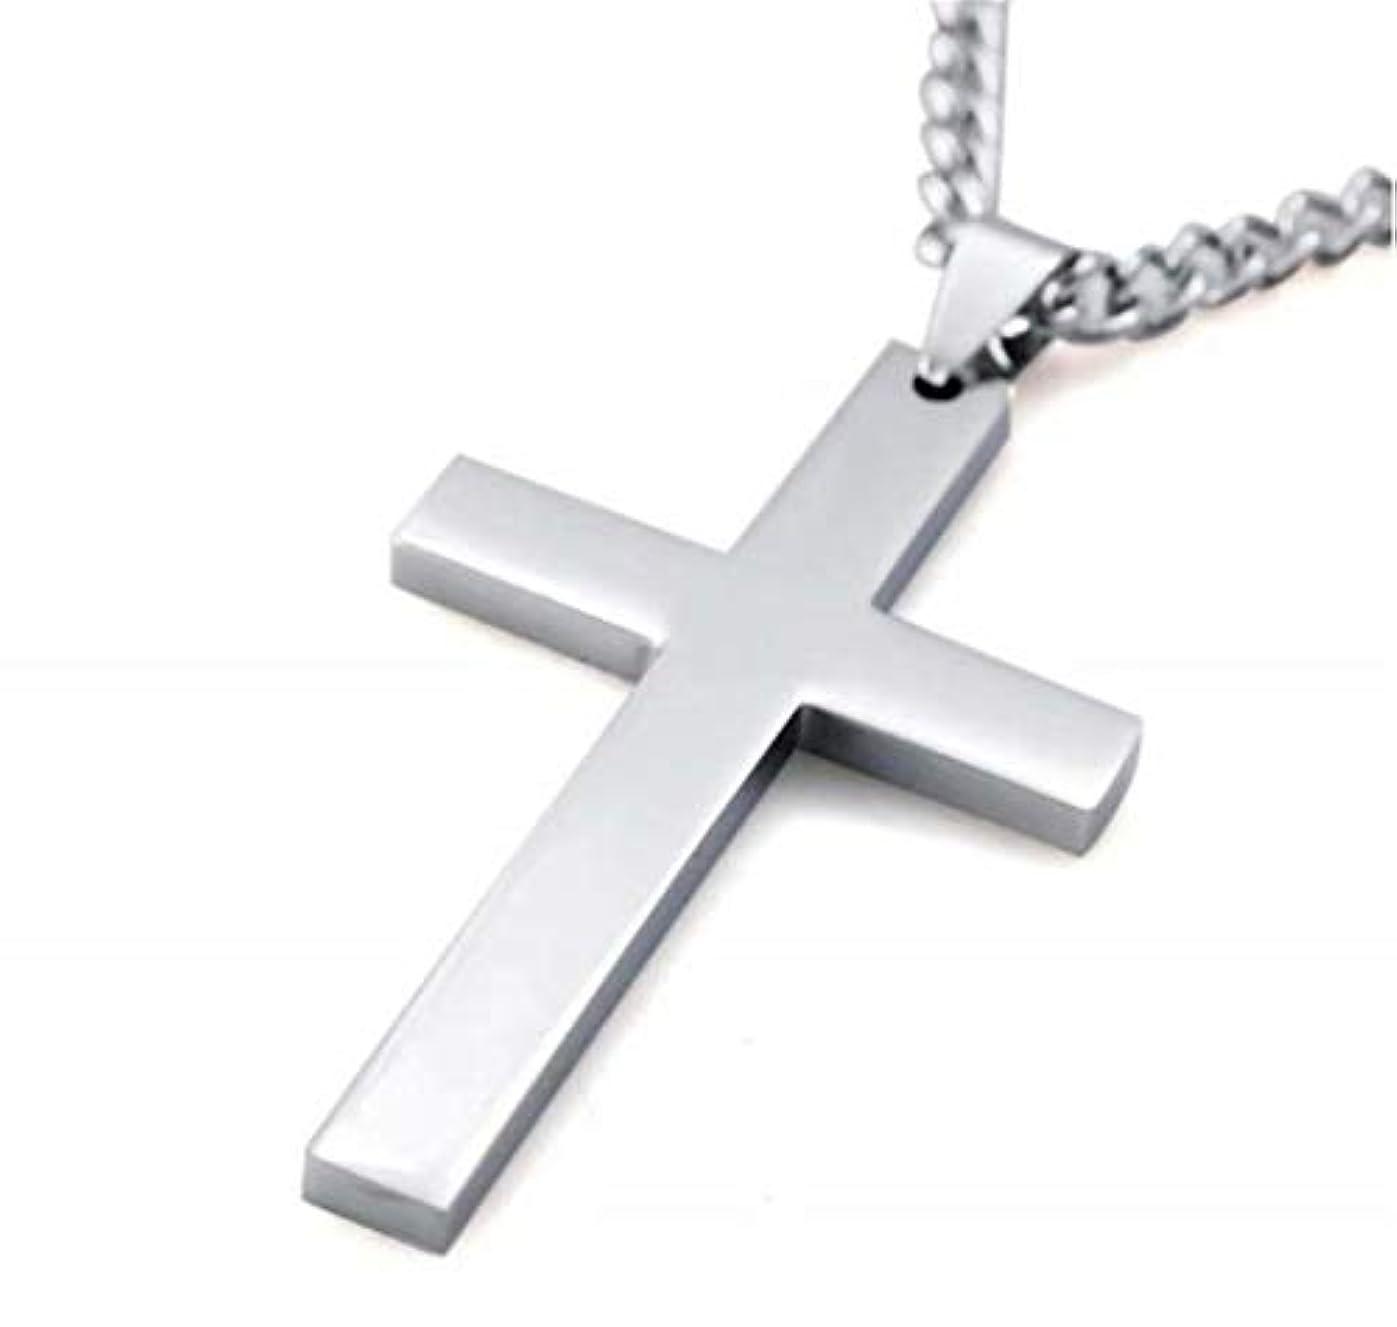 気づく道路マルクス主義七里の香 メンズ レディース シルバー 十字架 クロス ペンダント ネックレス